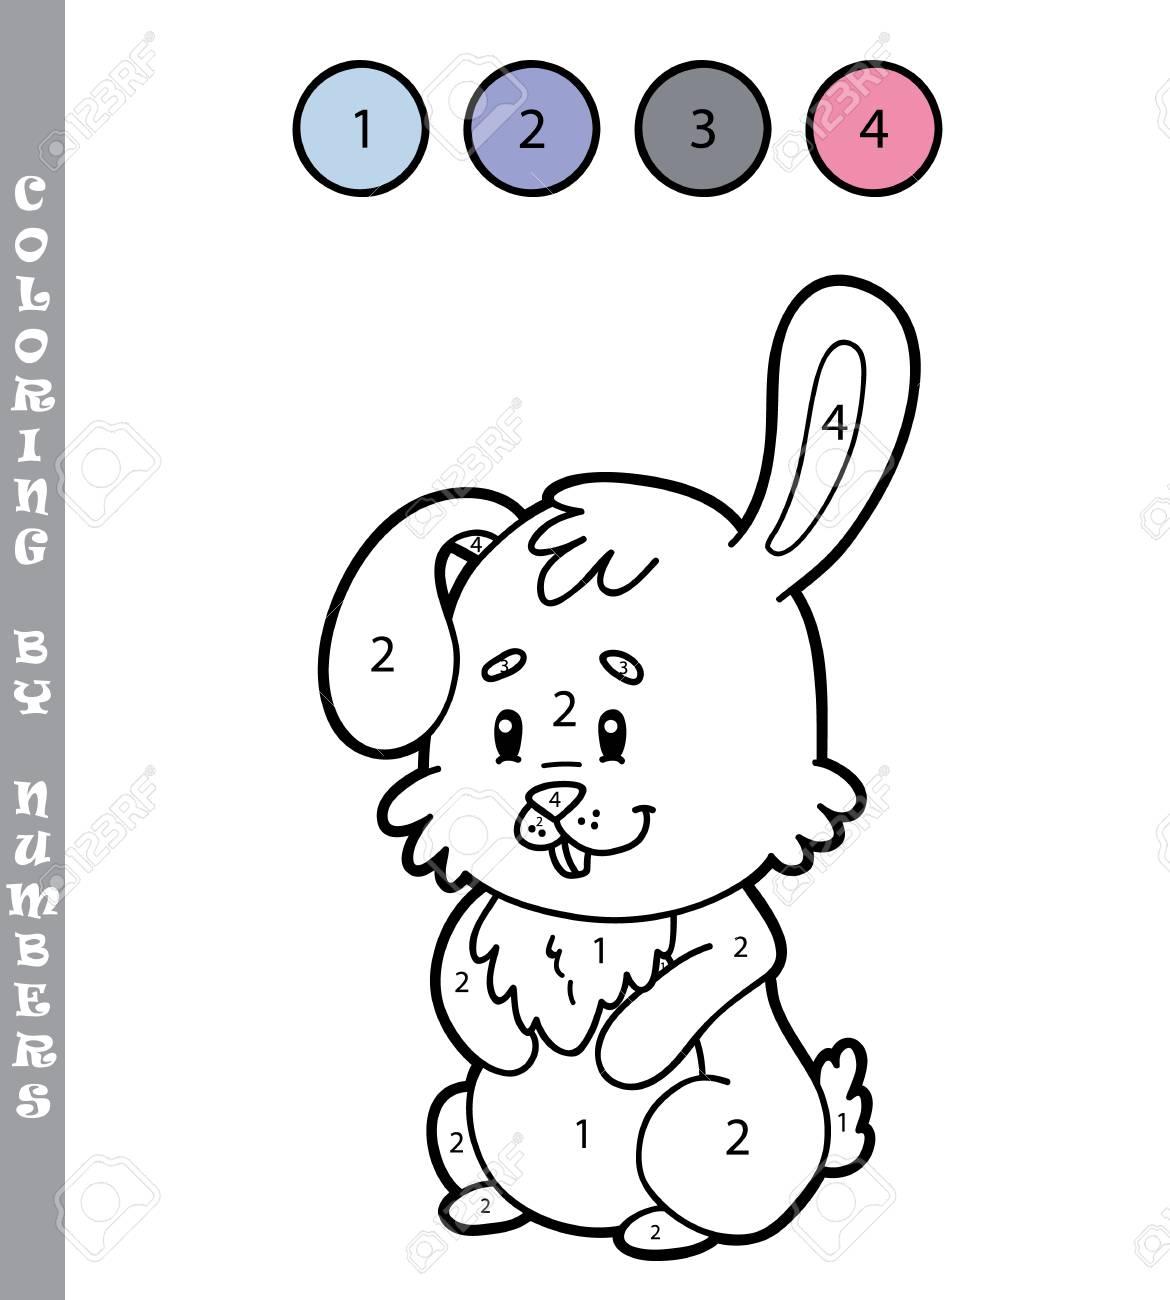 Ilustración Vectorial Para Colorear Por Números Juego Educativo Con Dibujos Animados Conejo Para Niños Para Niños